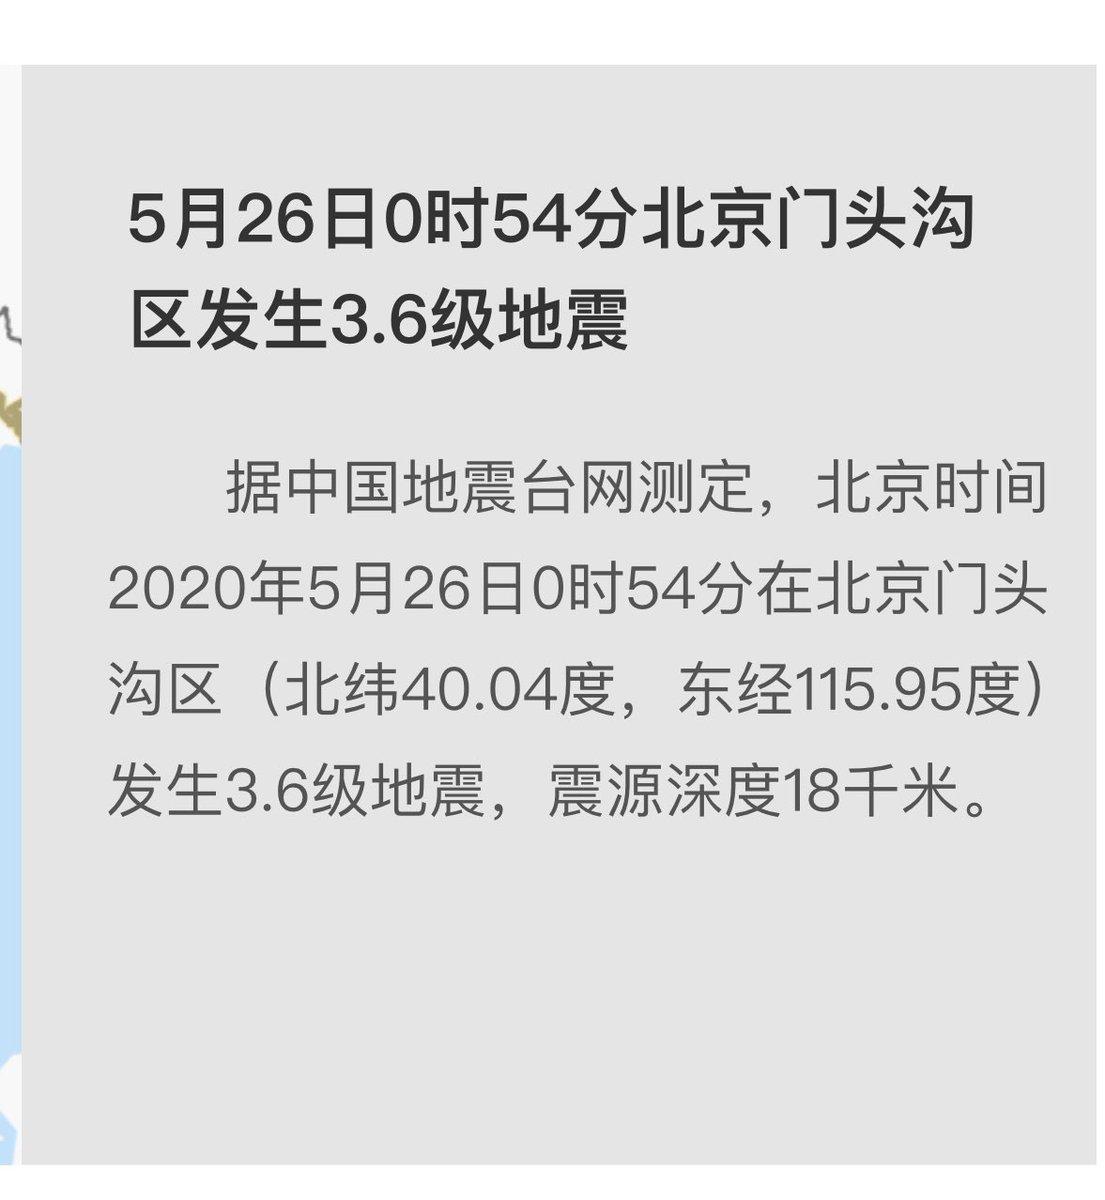 松原照子 地震 2020